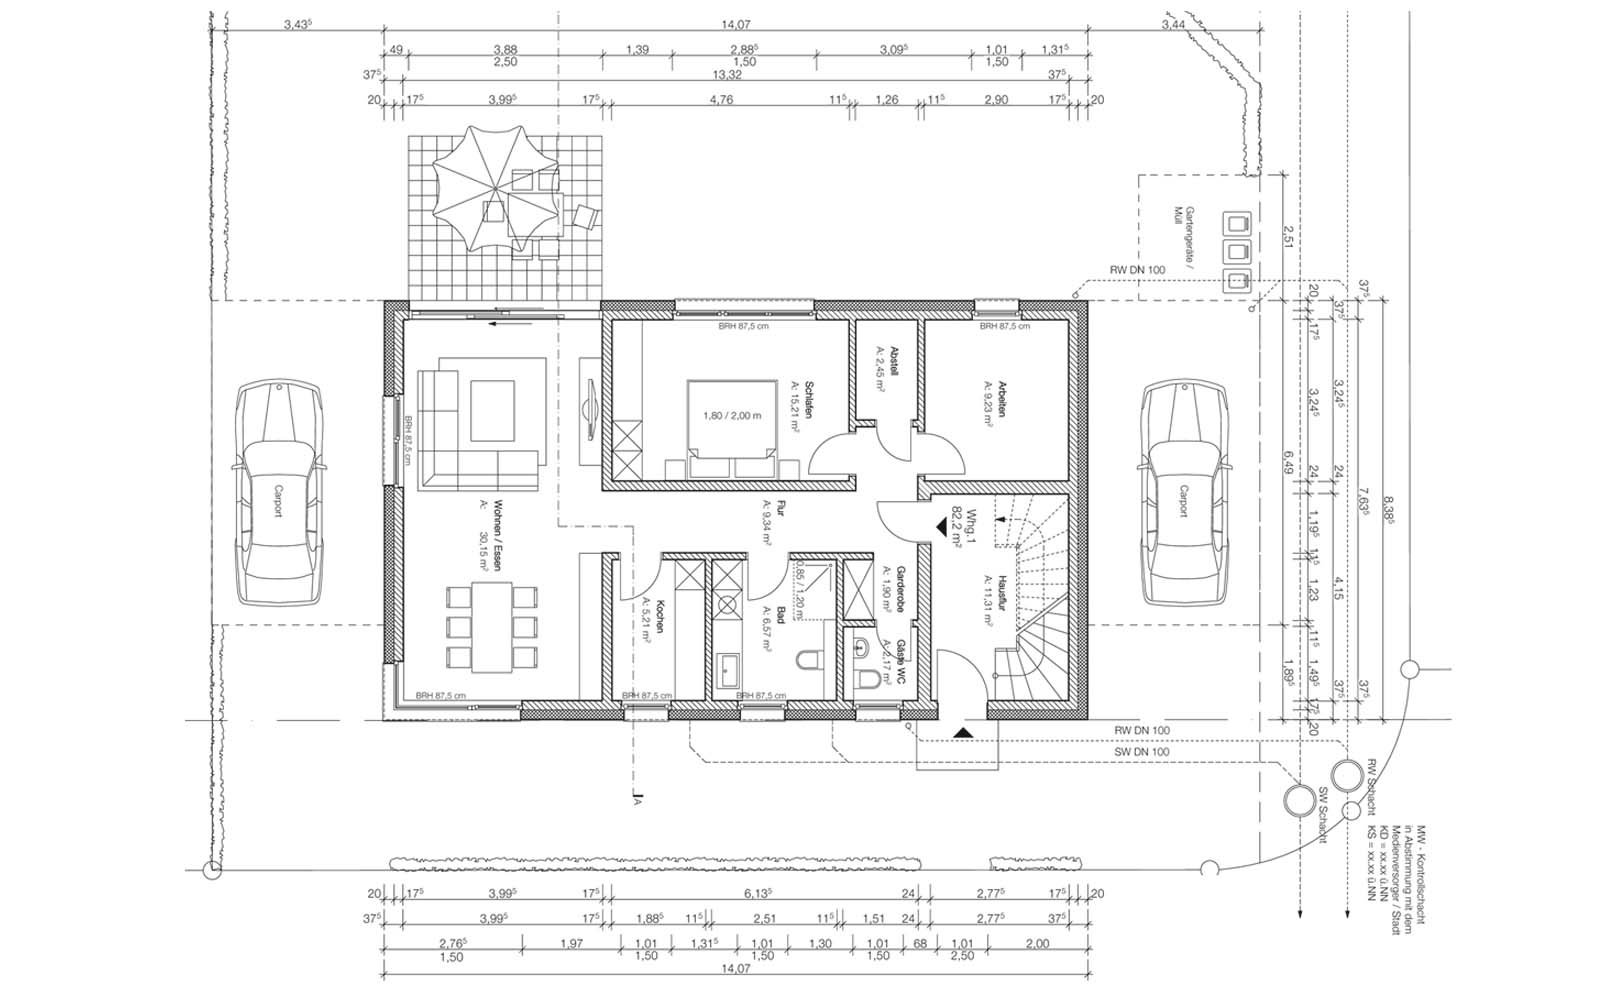 ZHS_SteinwegClausArchitekten_Mehrfamilienhaus_Muenster_Fensterfasche_00001